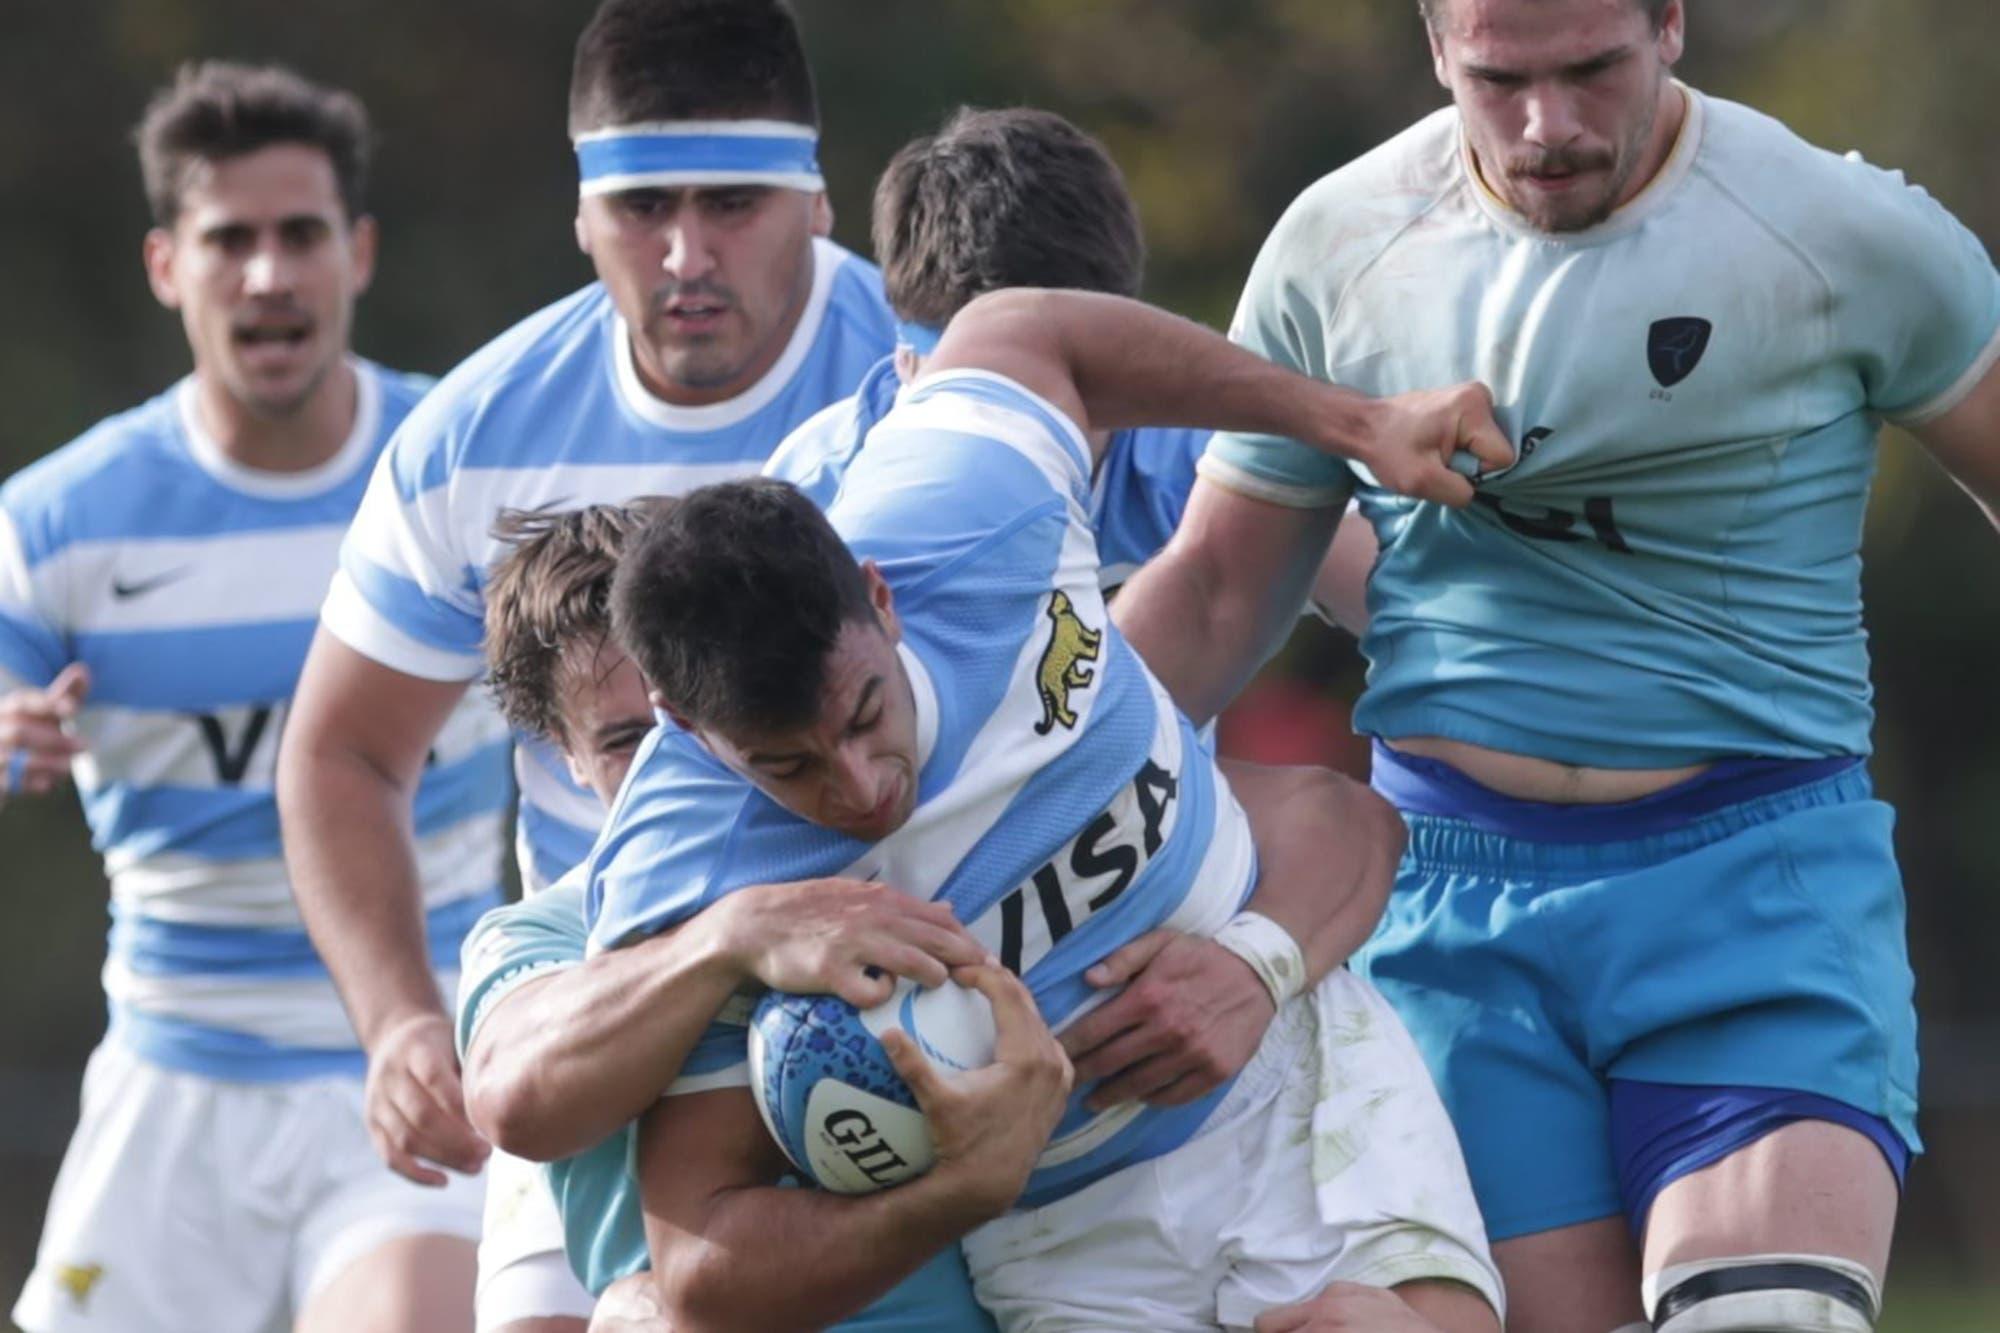 Una chance de juego para los Pumas: el Sudamericano, preparación para el Rugby Championship